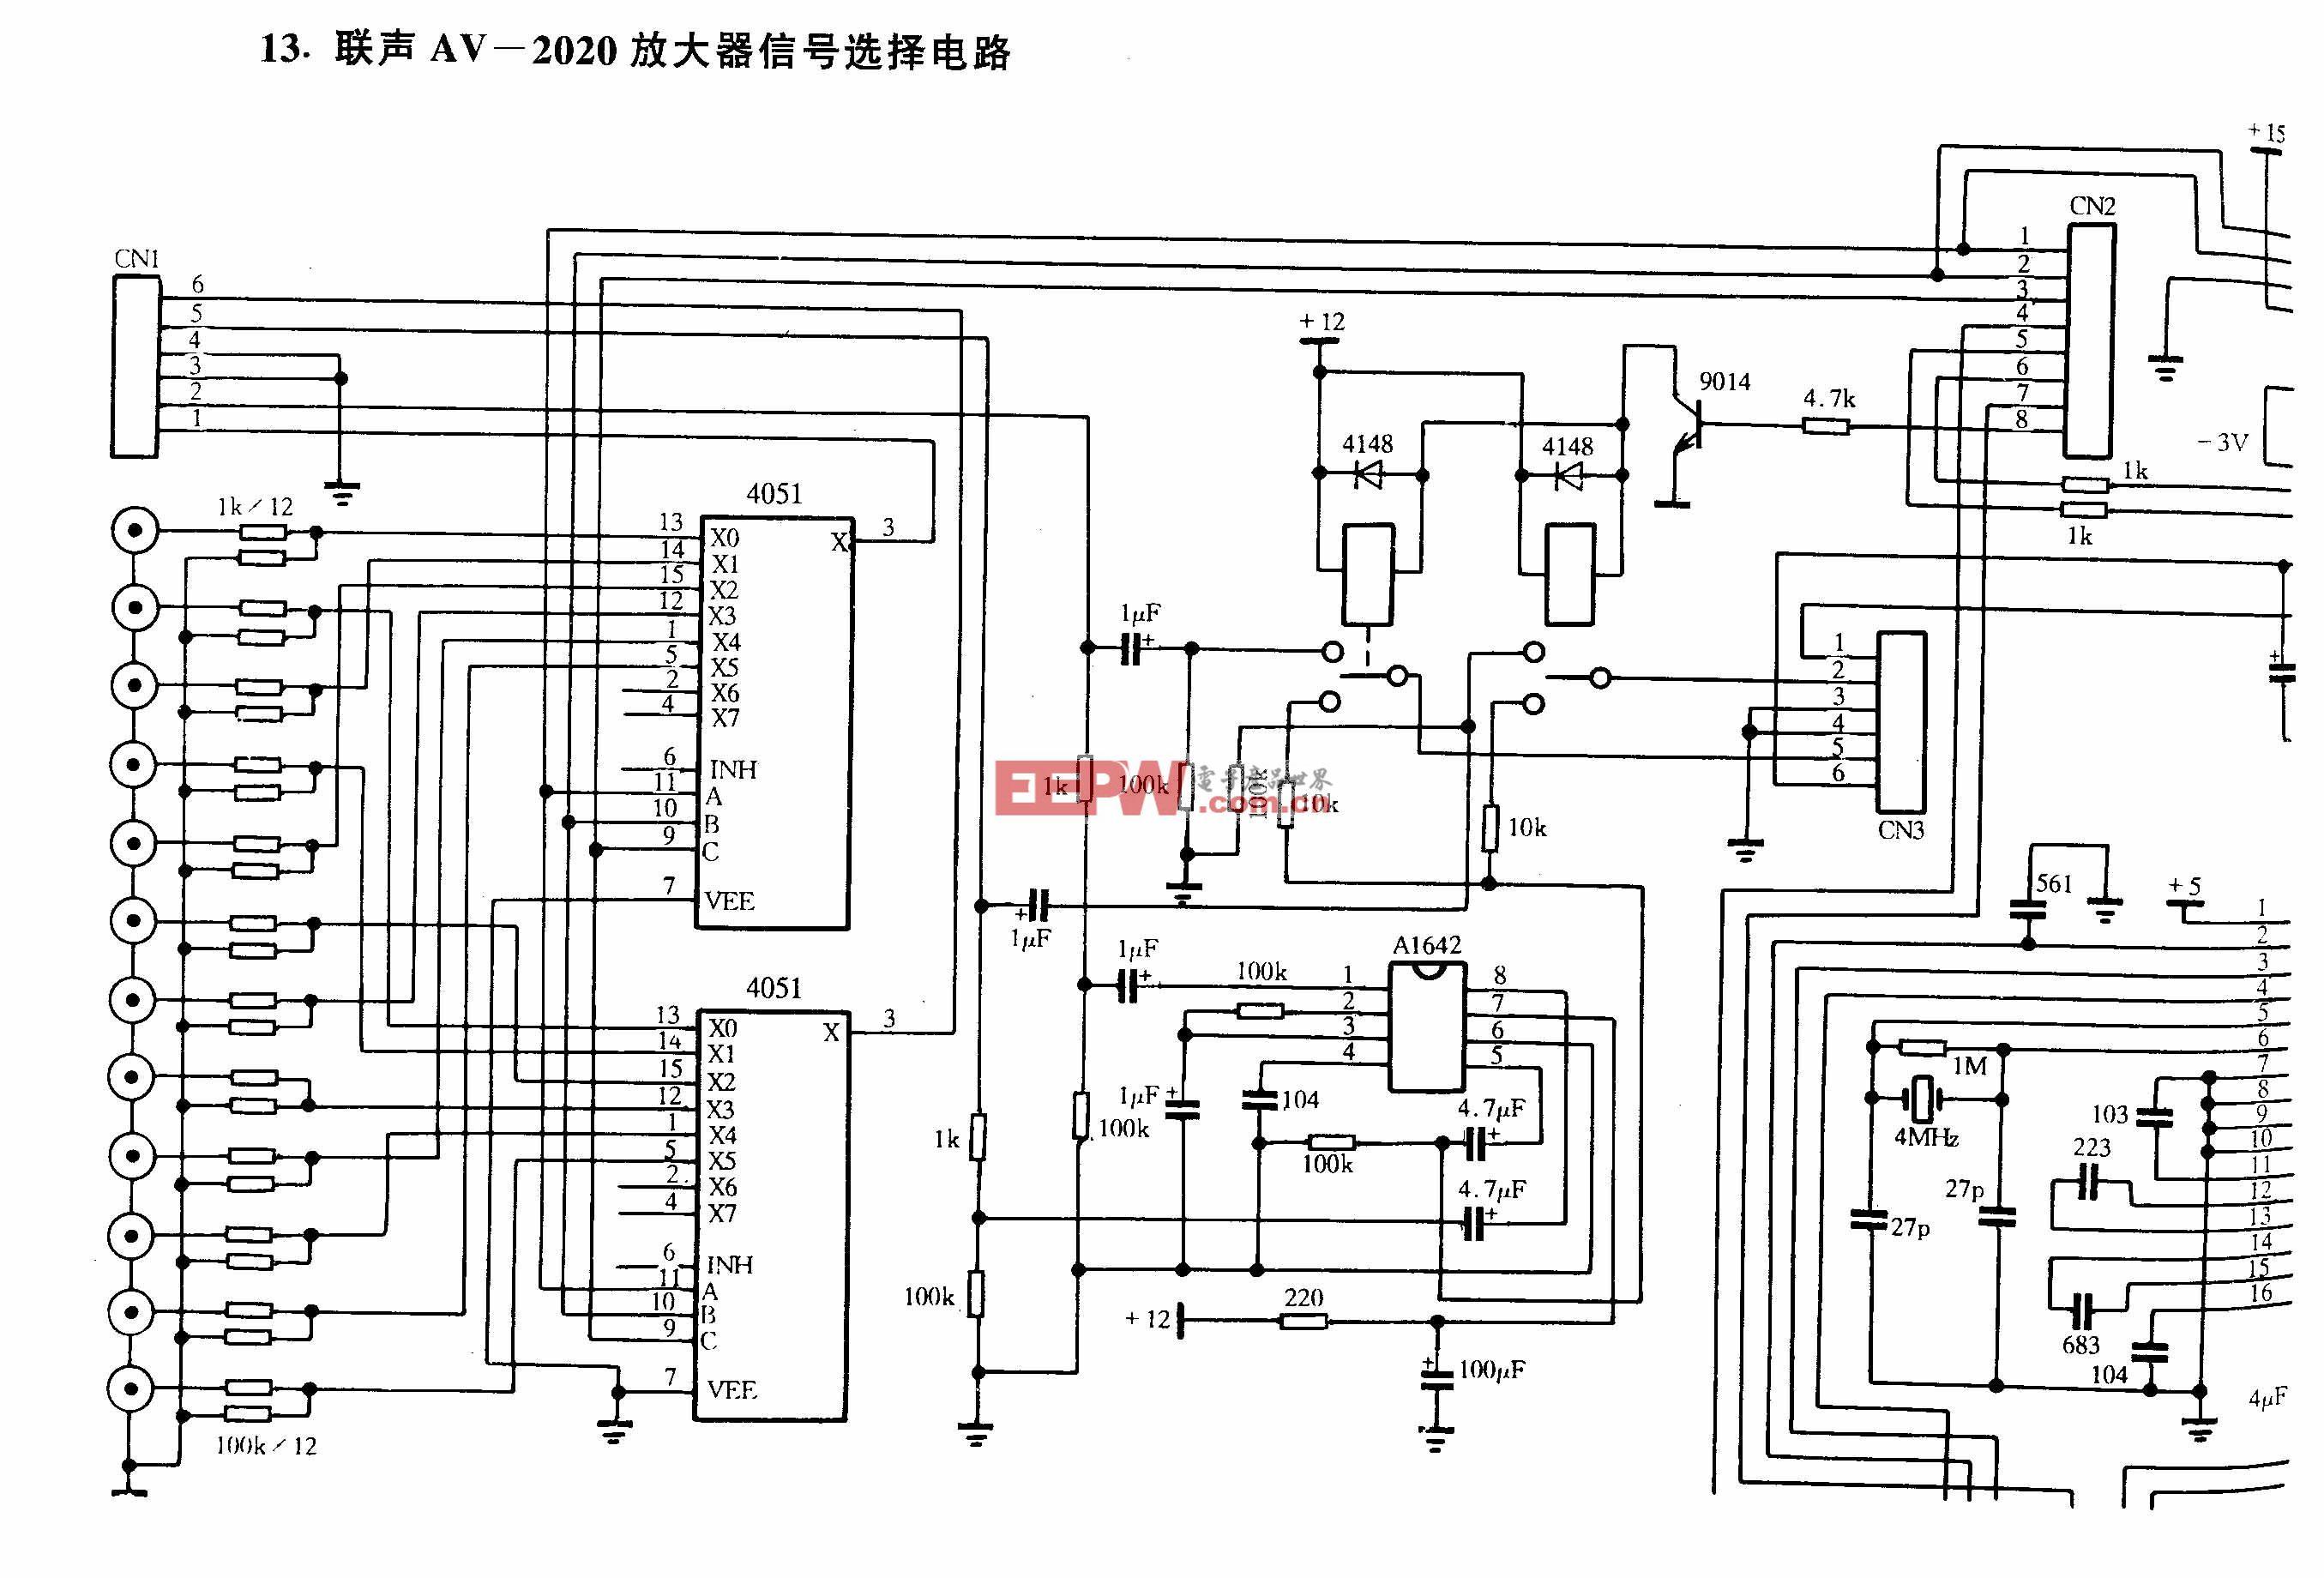 联声AV-2020放大器信号选择电路